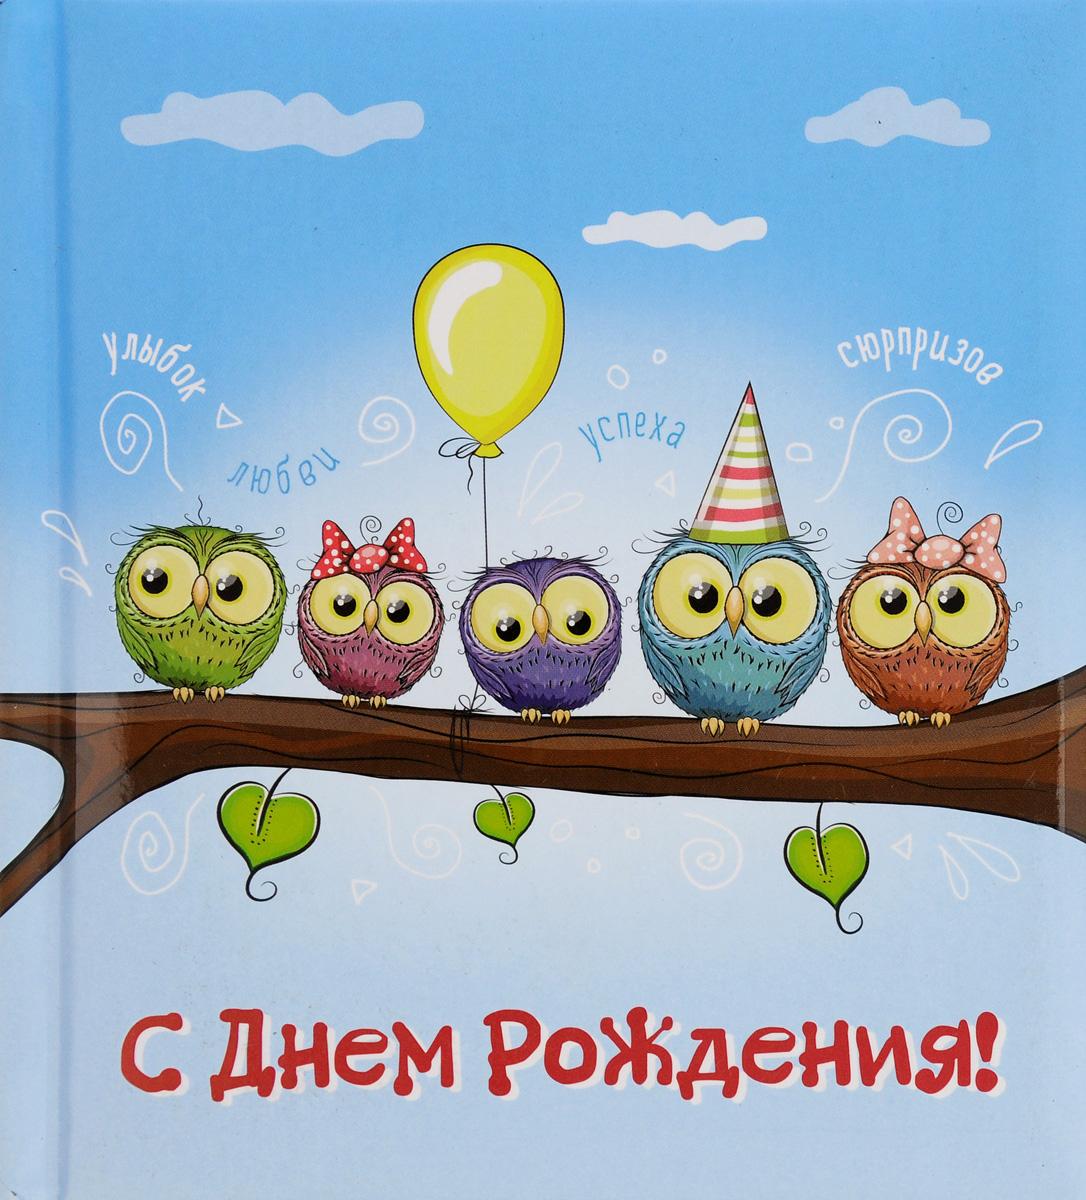 Н. Матушевская С днем рождения!